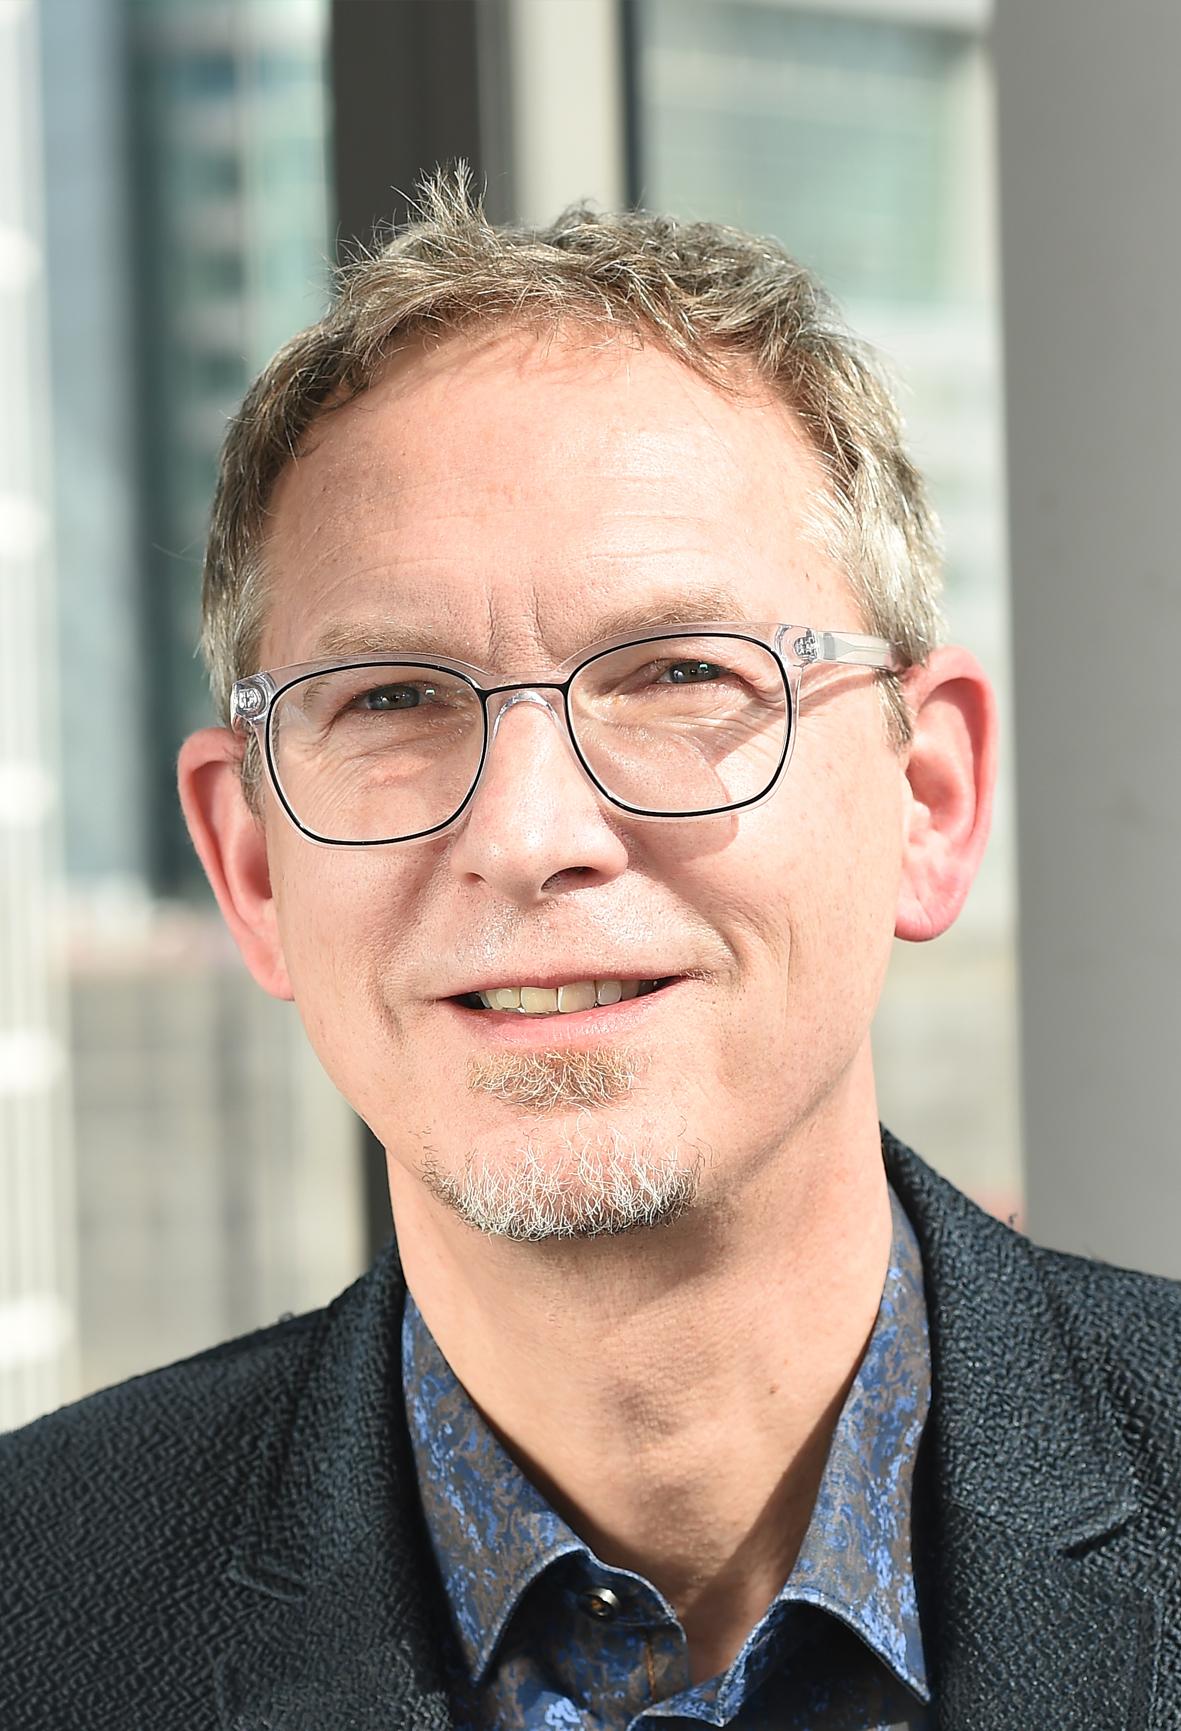 Daniel Nicolai